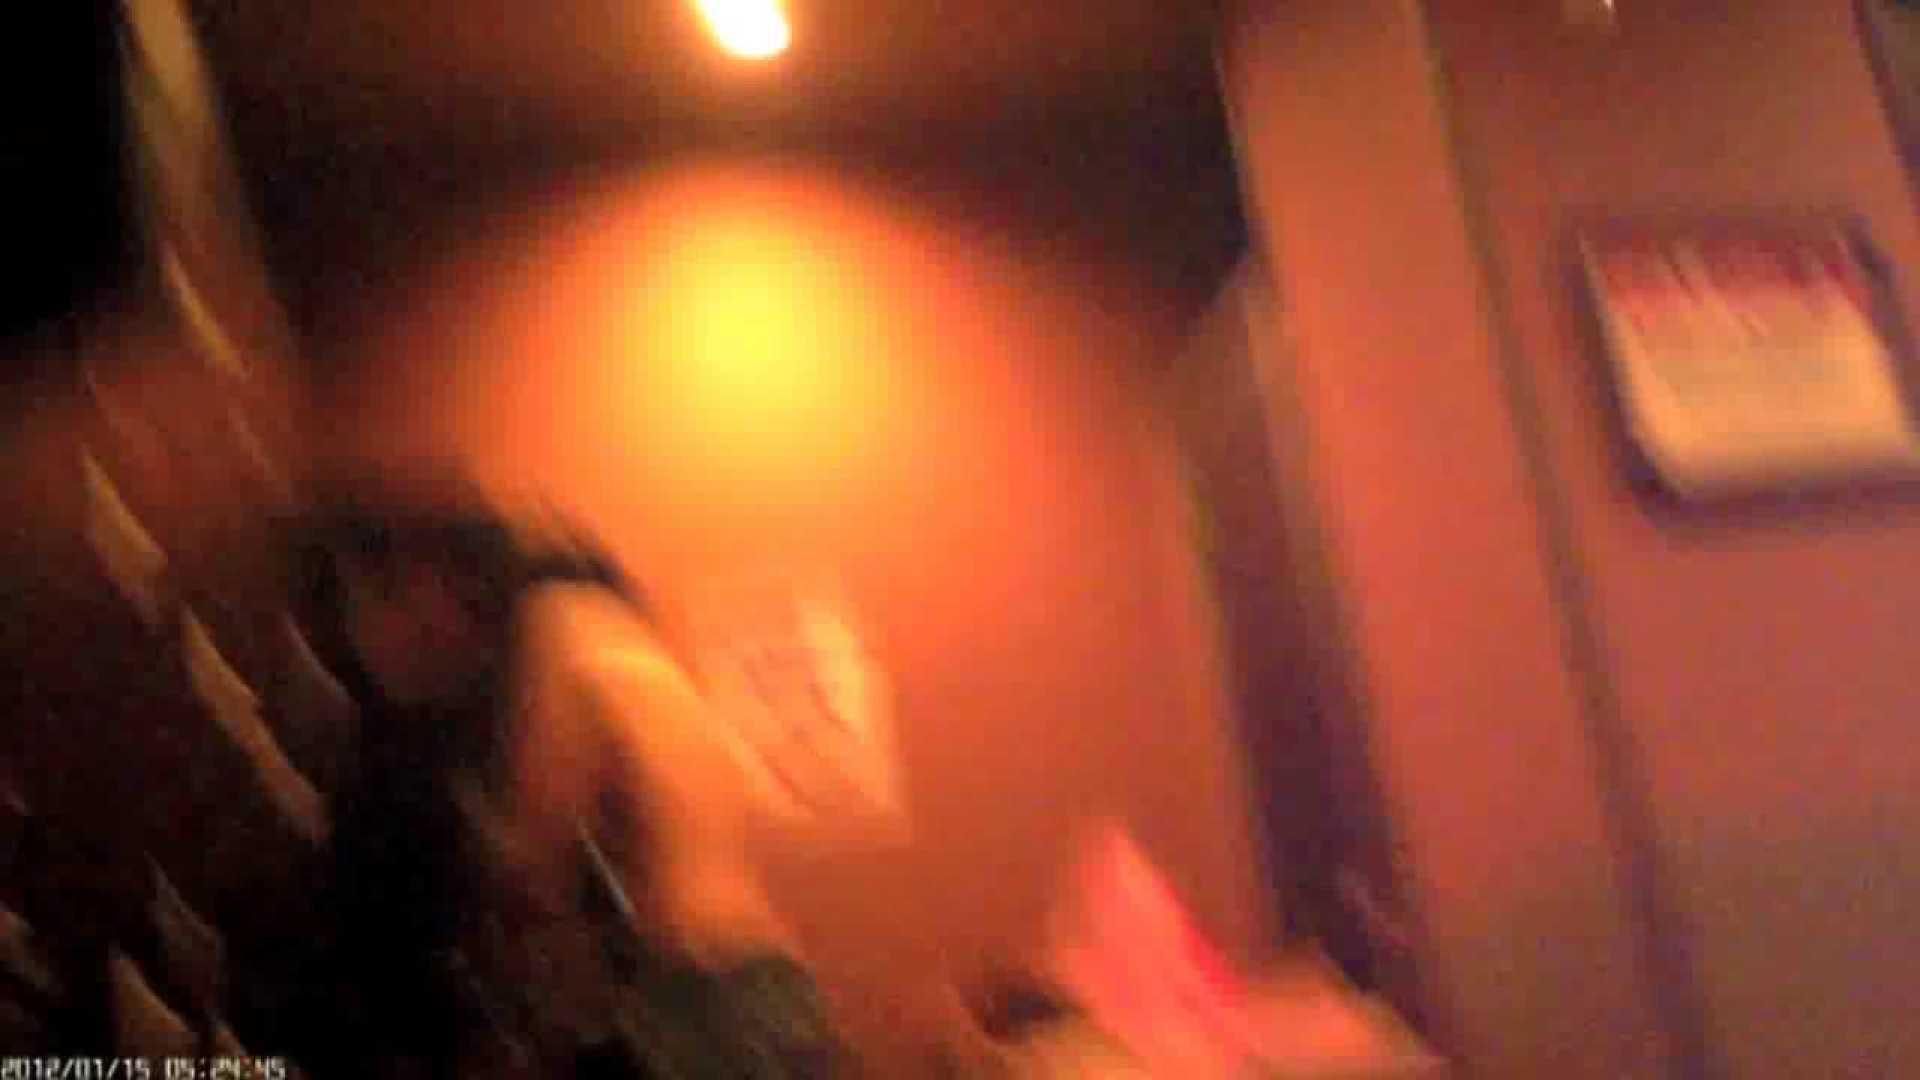 現役ギャル盗撮師 hana様の女風呂潜入撮!Vol.6 銭湯 盗撮ワレメ無修正動画無料 84PICs 69